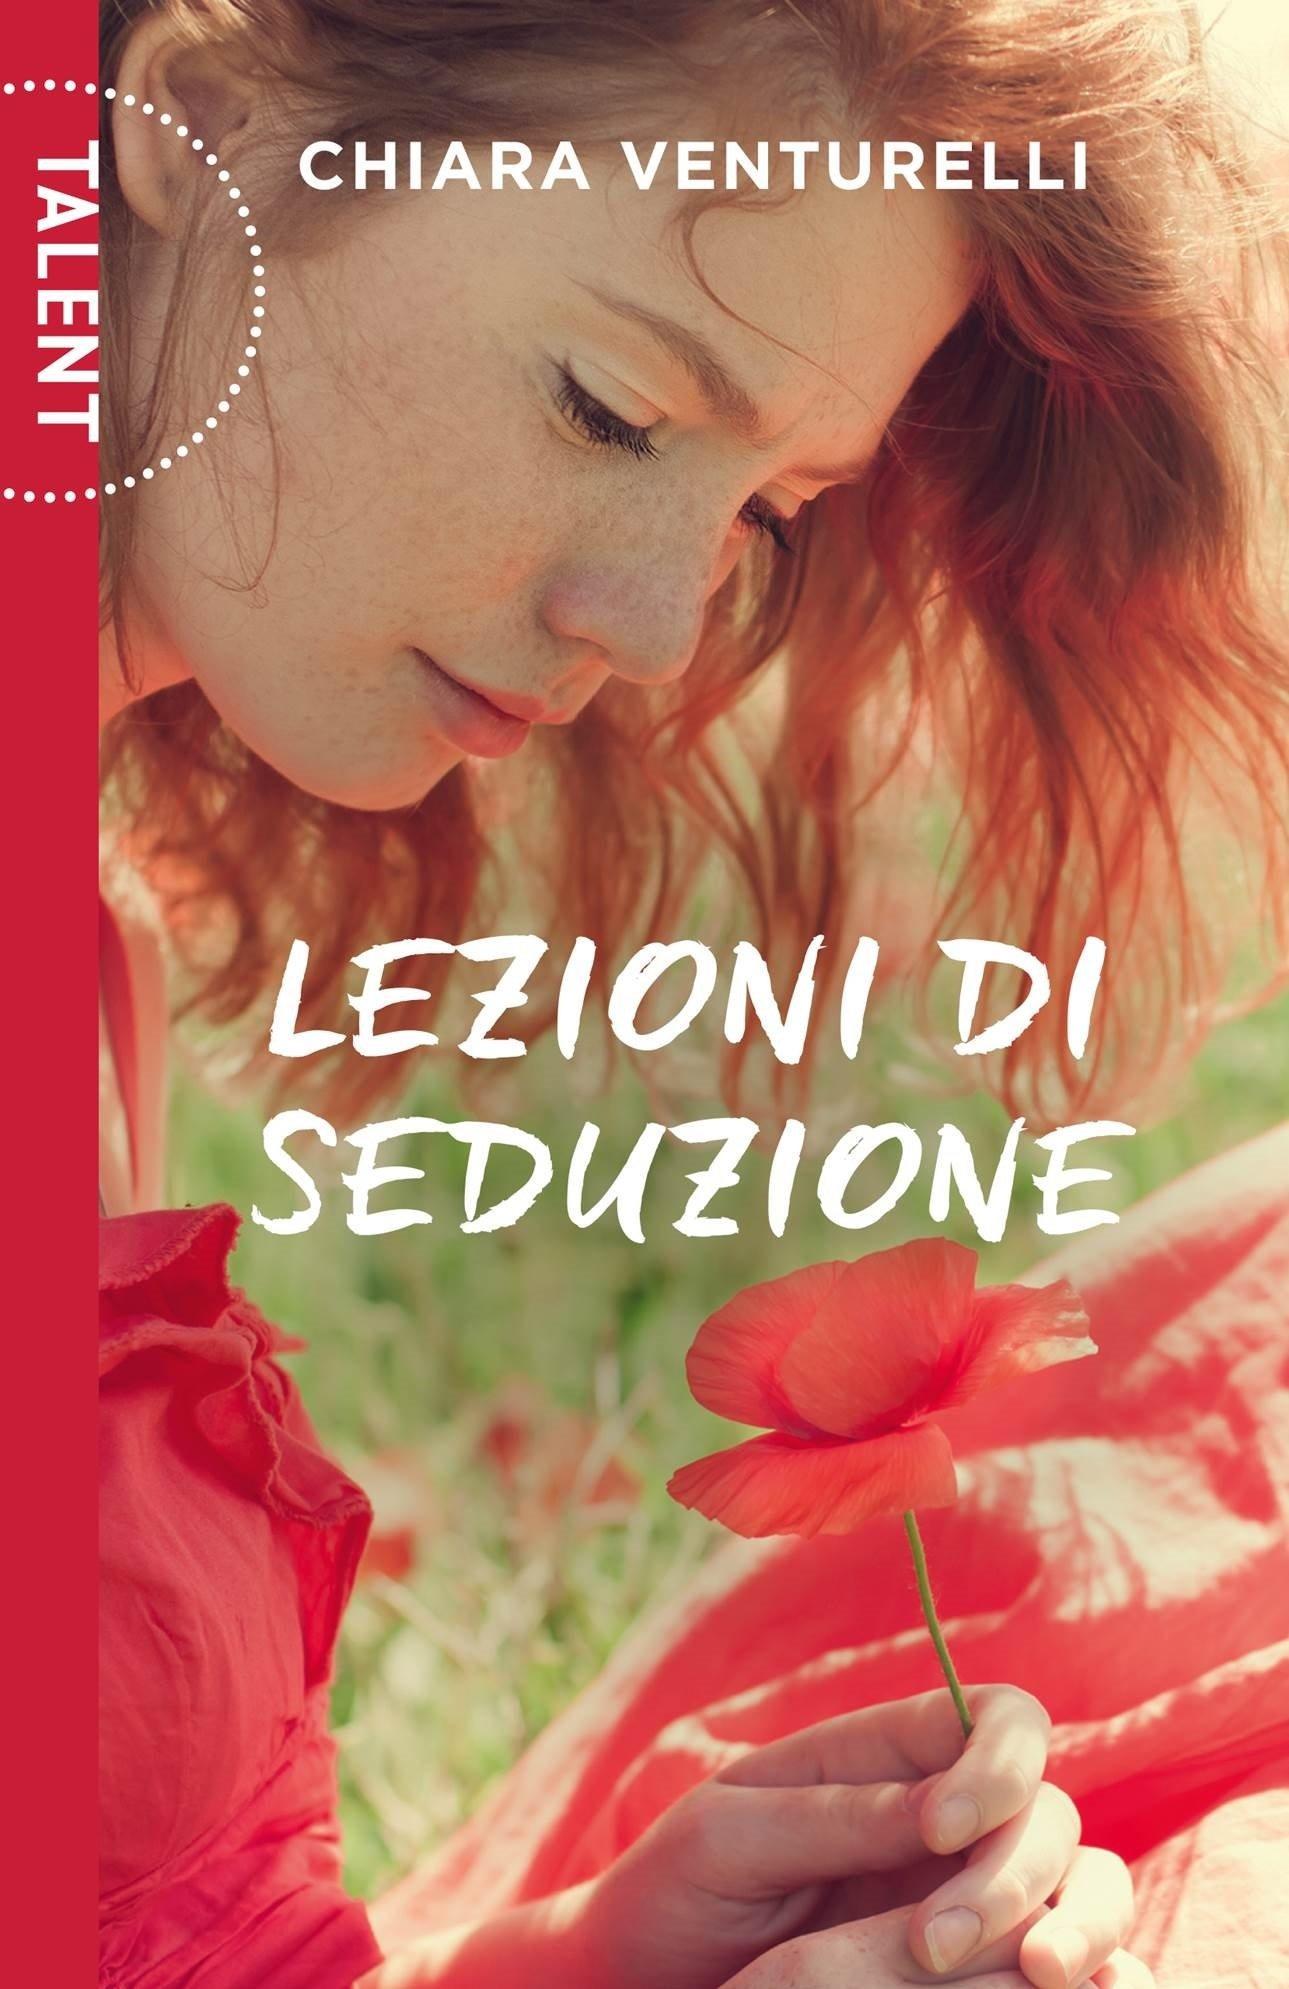 Risultati immagini per lezioni di seduzione copertina libro